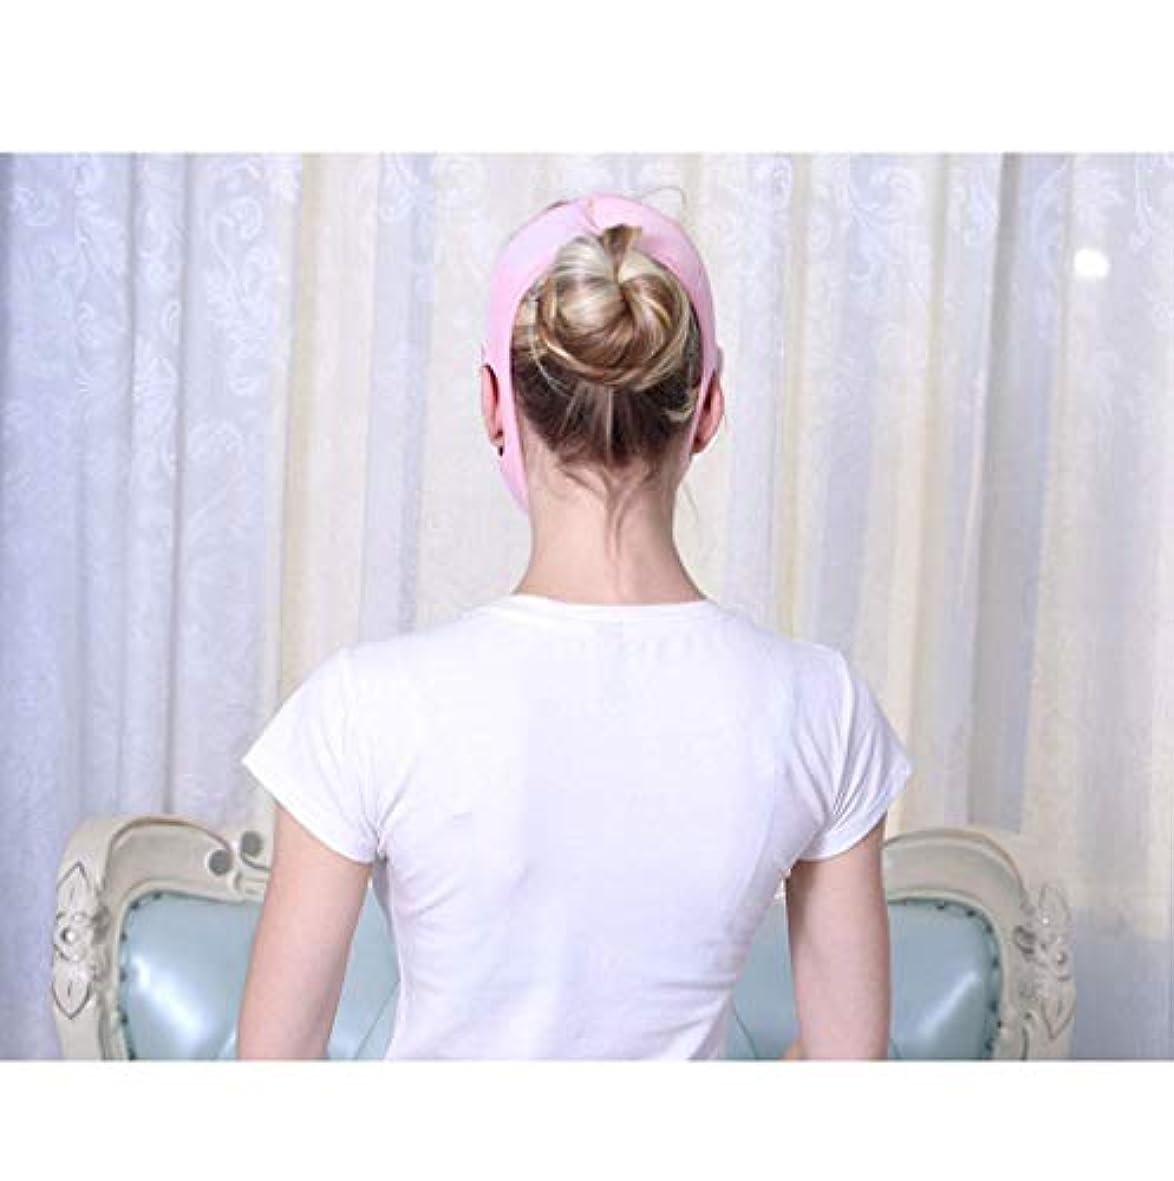 反乱反応する飢薄型フェイスベルト、V字絆創膏ダブルマスクあご取り法用マスクリフティングファーミングスリーピングマスク(カラー:ホワイト),ピンク